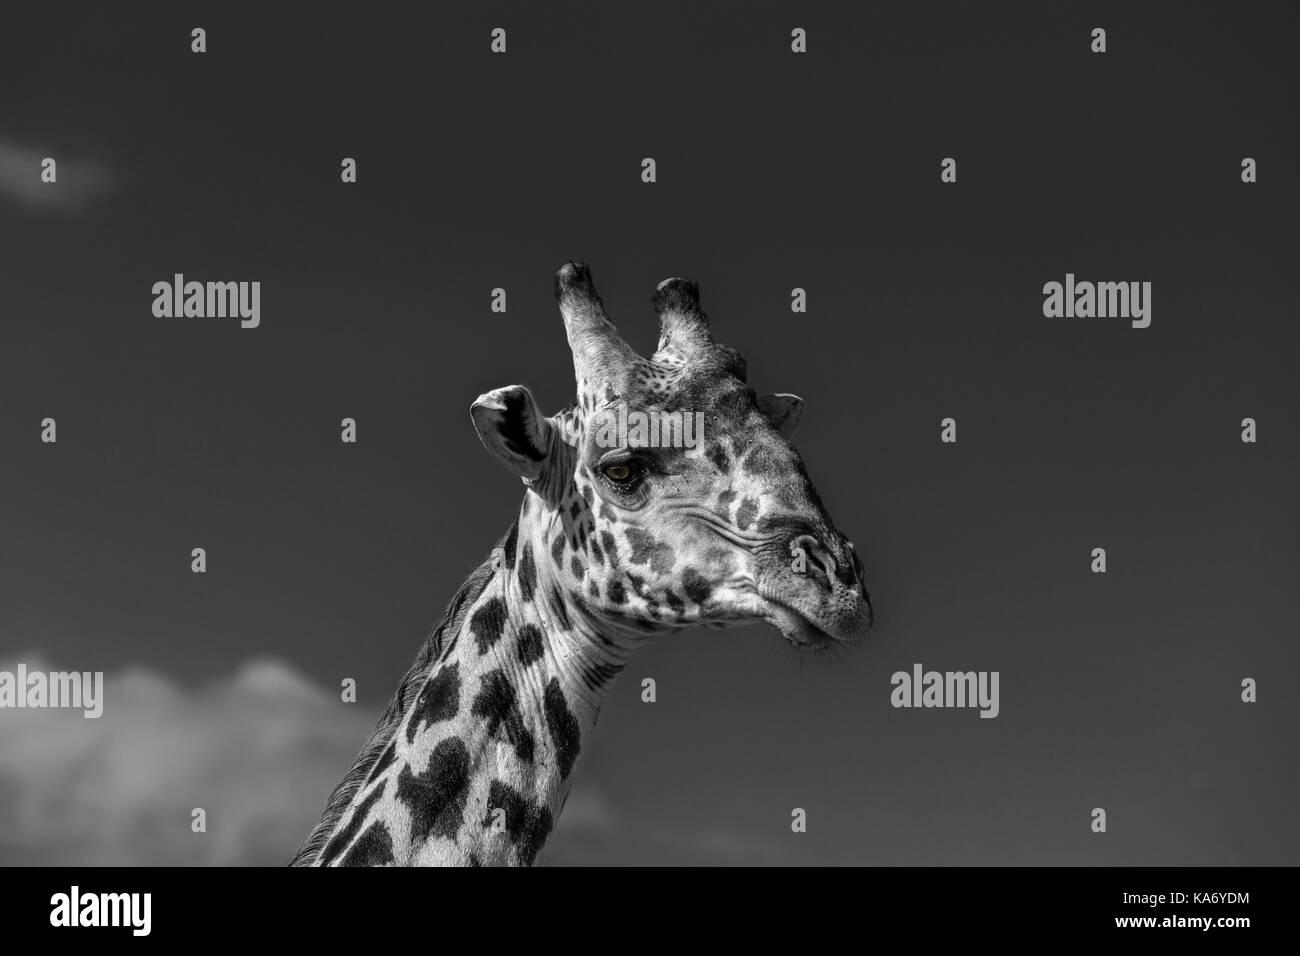 Close-up de tête de masais Girafe (Giraffa camelopardalis tippelskirchi) Masai Mara, Kenya en monochrome contre Photo Stock